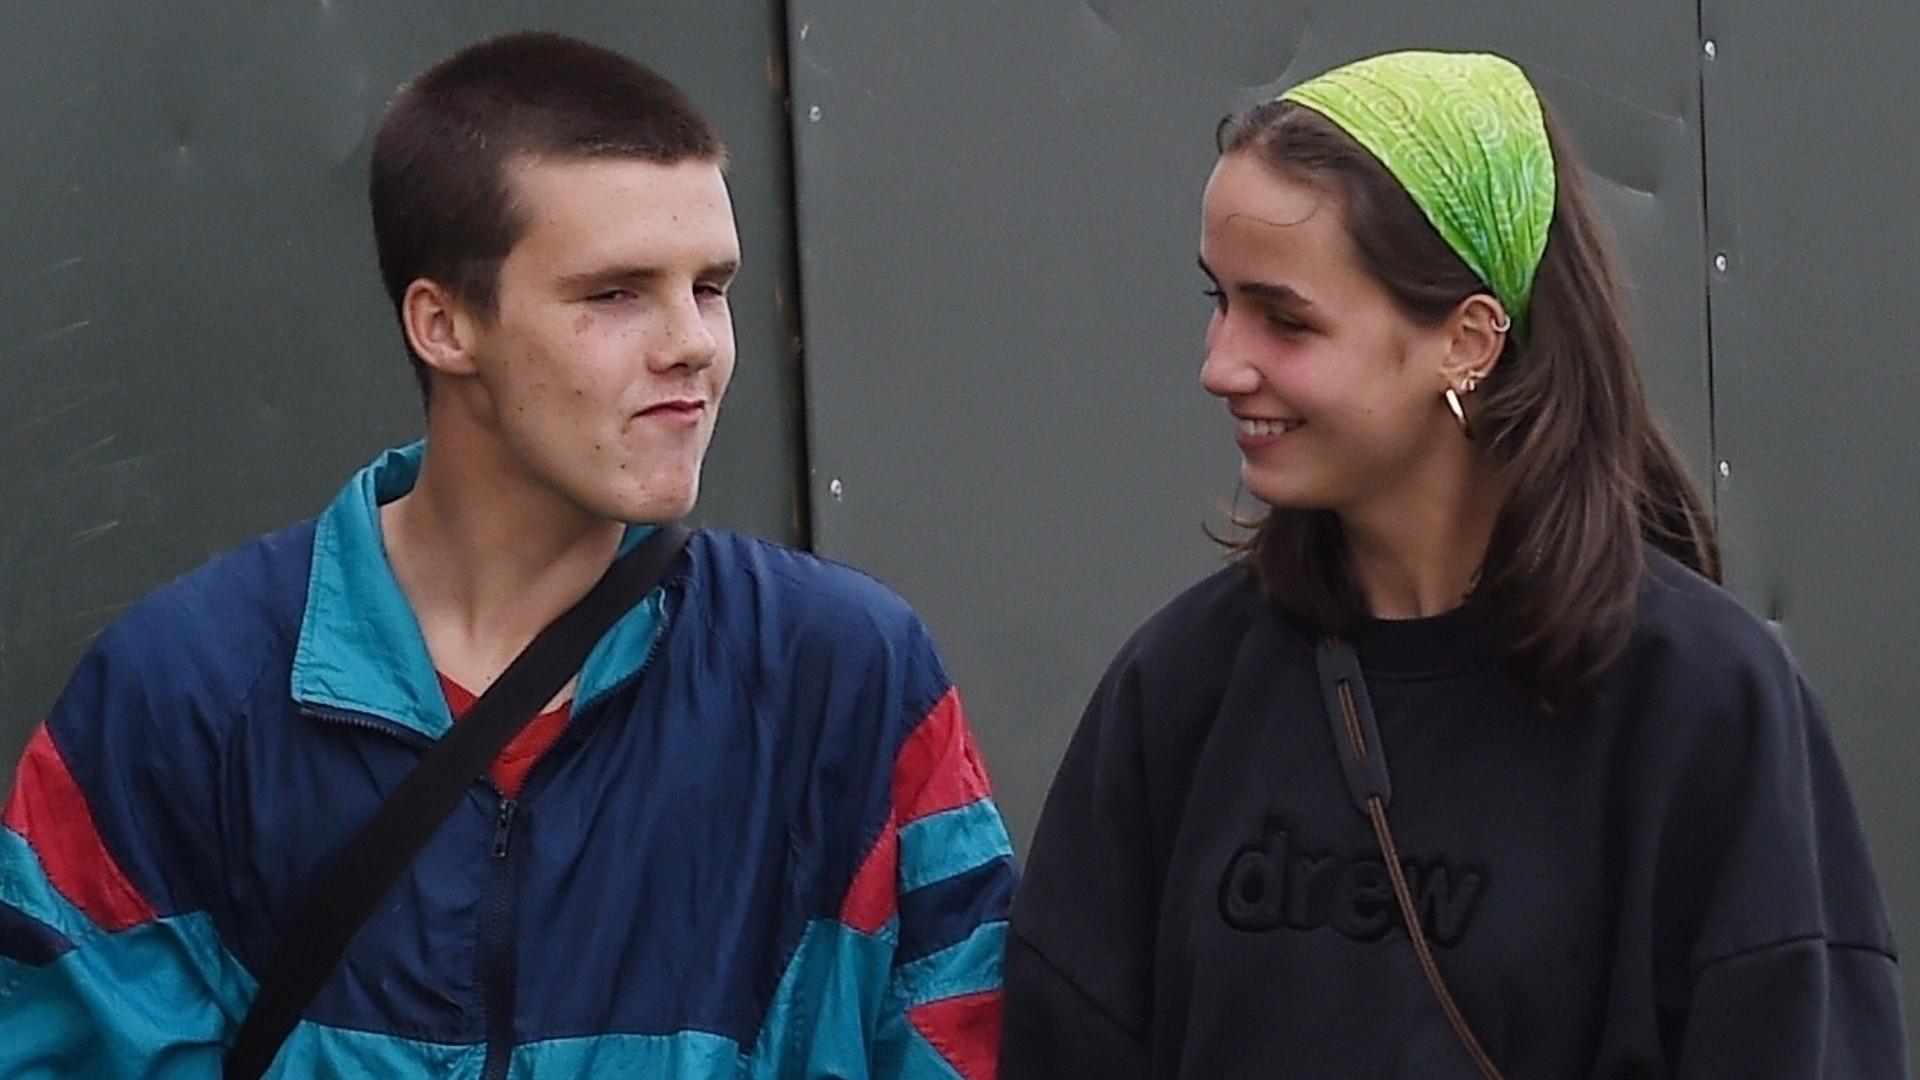 Cruz Beckham ma dziewczynę. Wielka Brytania oszalała na punkcie Bliss